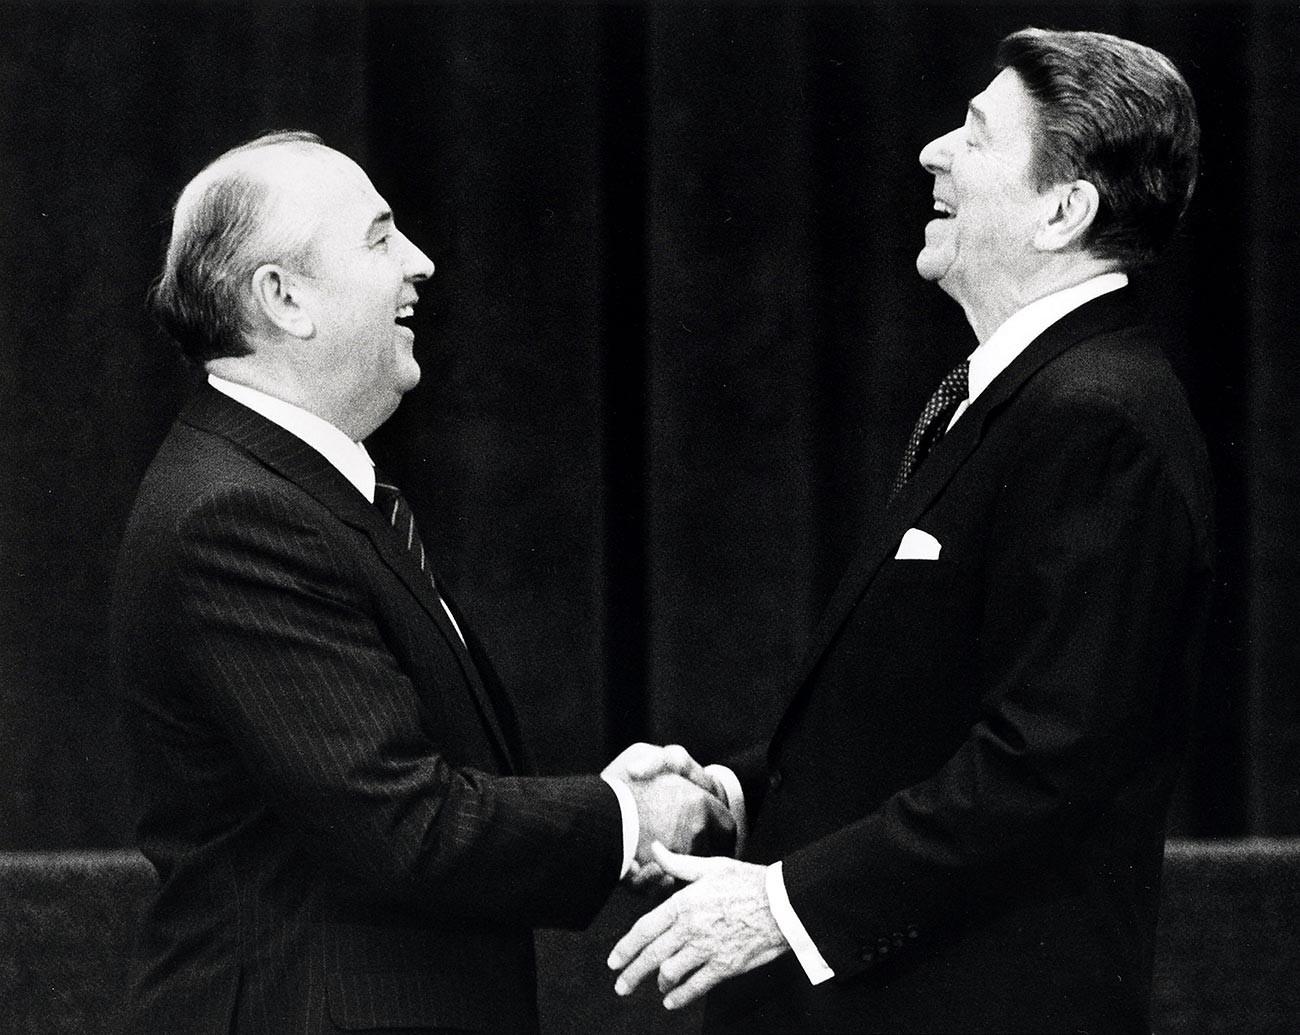 Советскиот лидер Михаил Горбачов (лево) на средба со американскиот претседател Роналд Реган во Женева, Швајцарија, 19 ноември 1985 година.